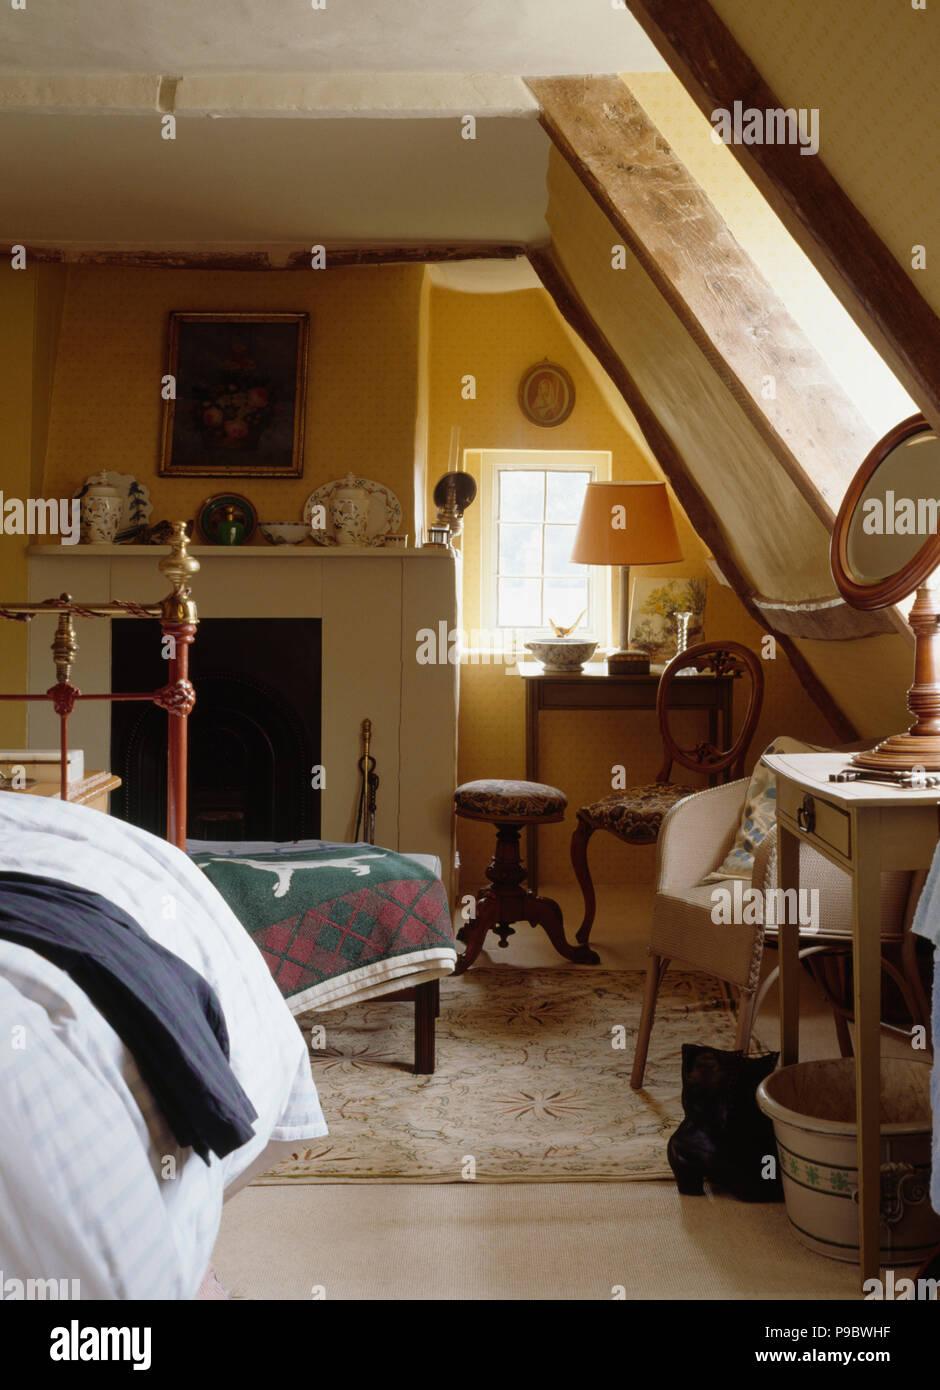 Dachgeschoss Schlafzimmer mit schrägen Wänden Stockfoto, Bild ...